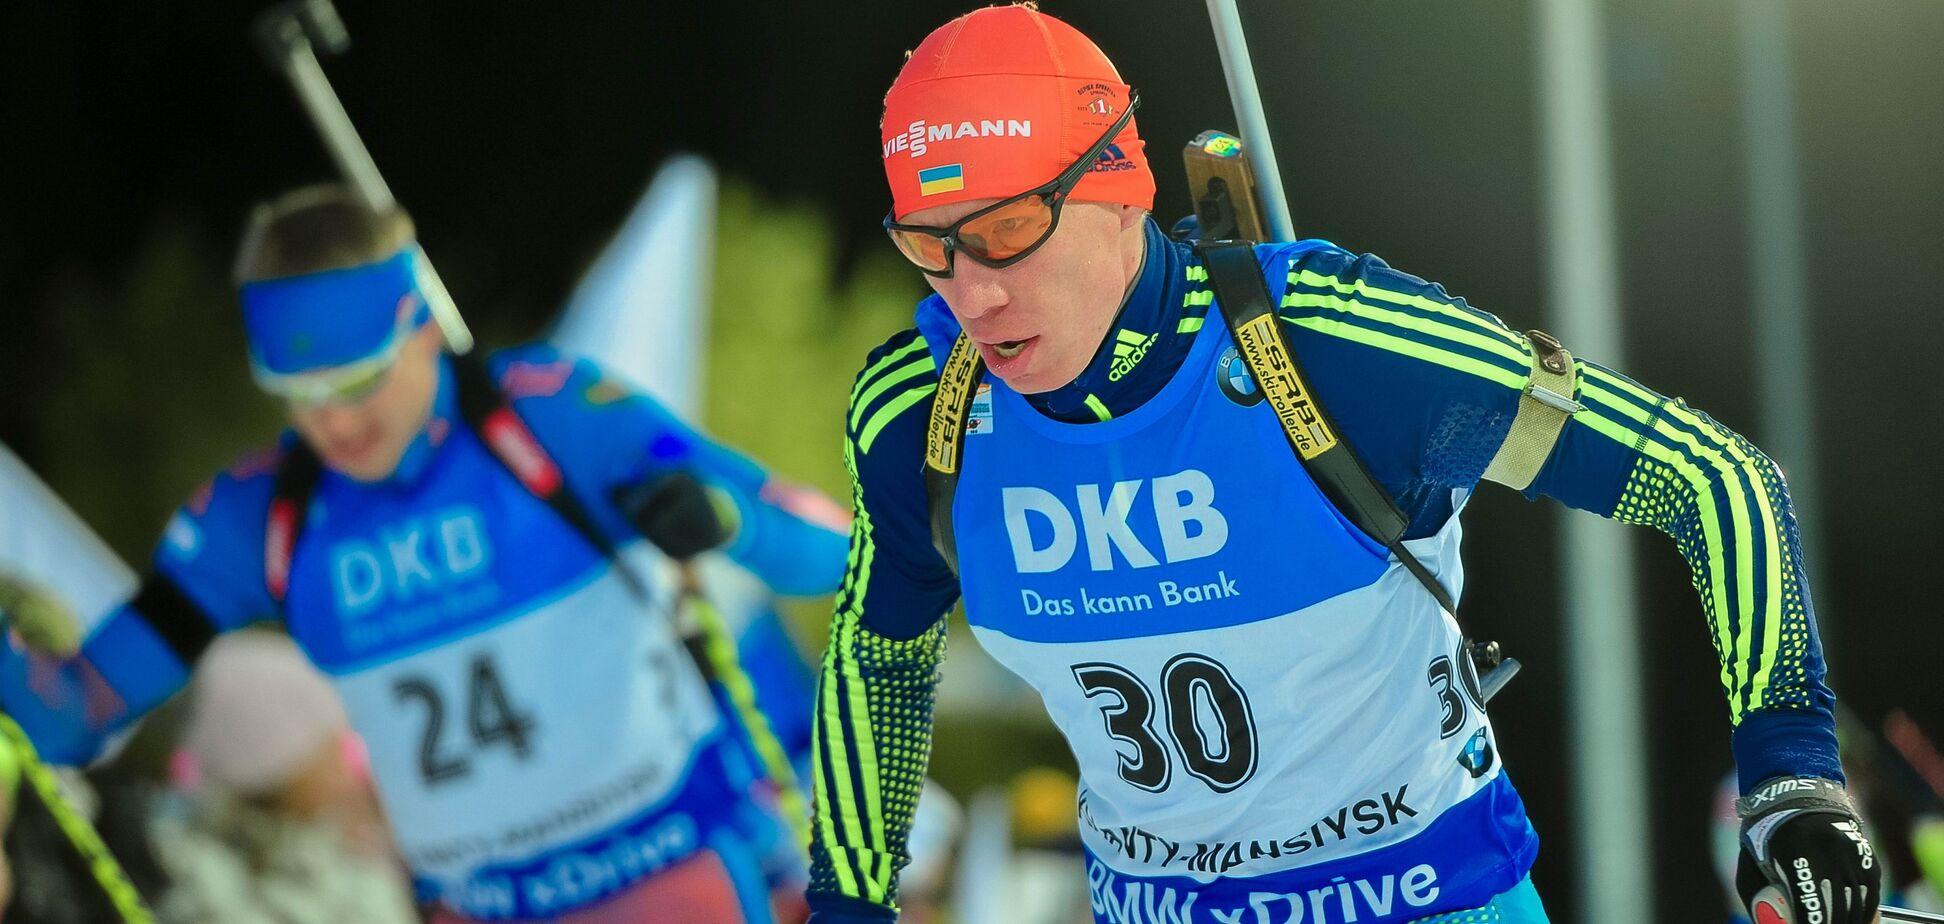 У Росії - 'дерев'яшка', у України - рекорд: результати чоловічого спринту на 6-му етапі Кубка світу з біатлону